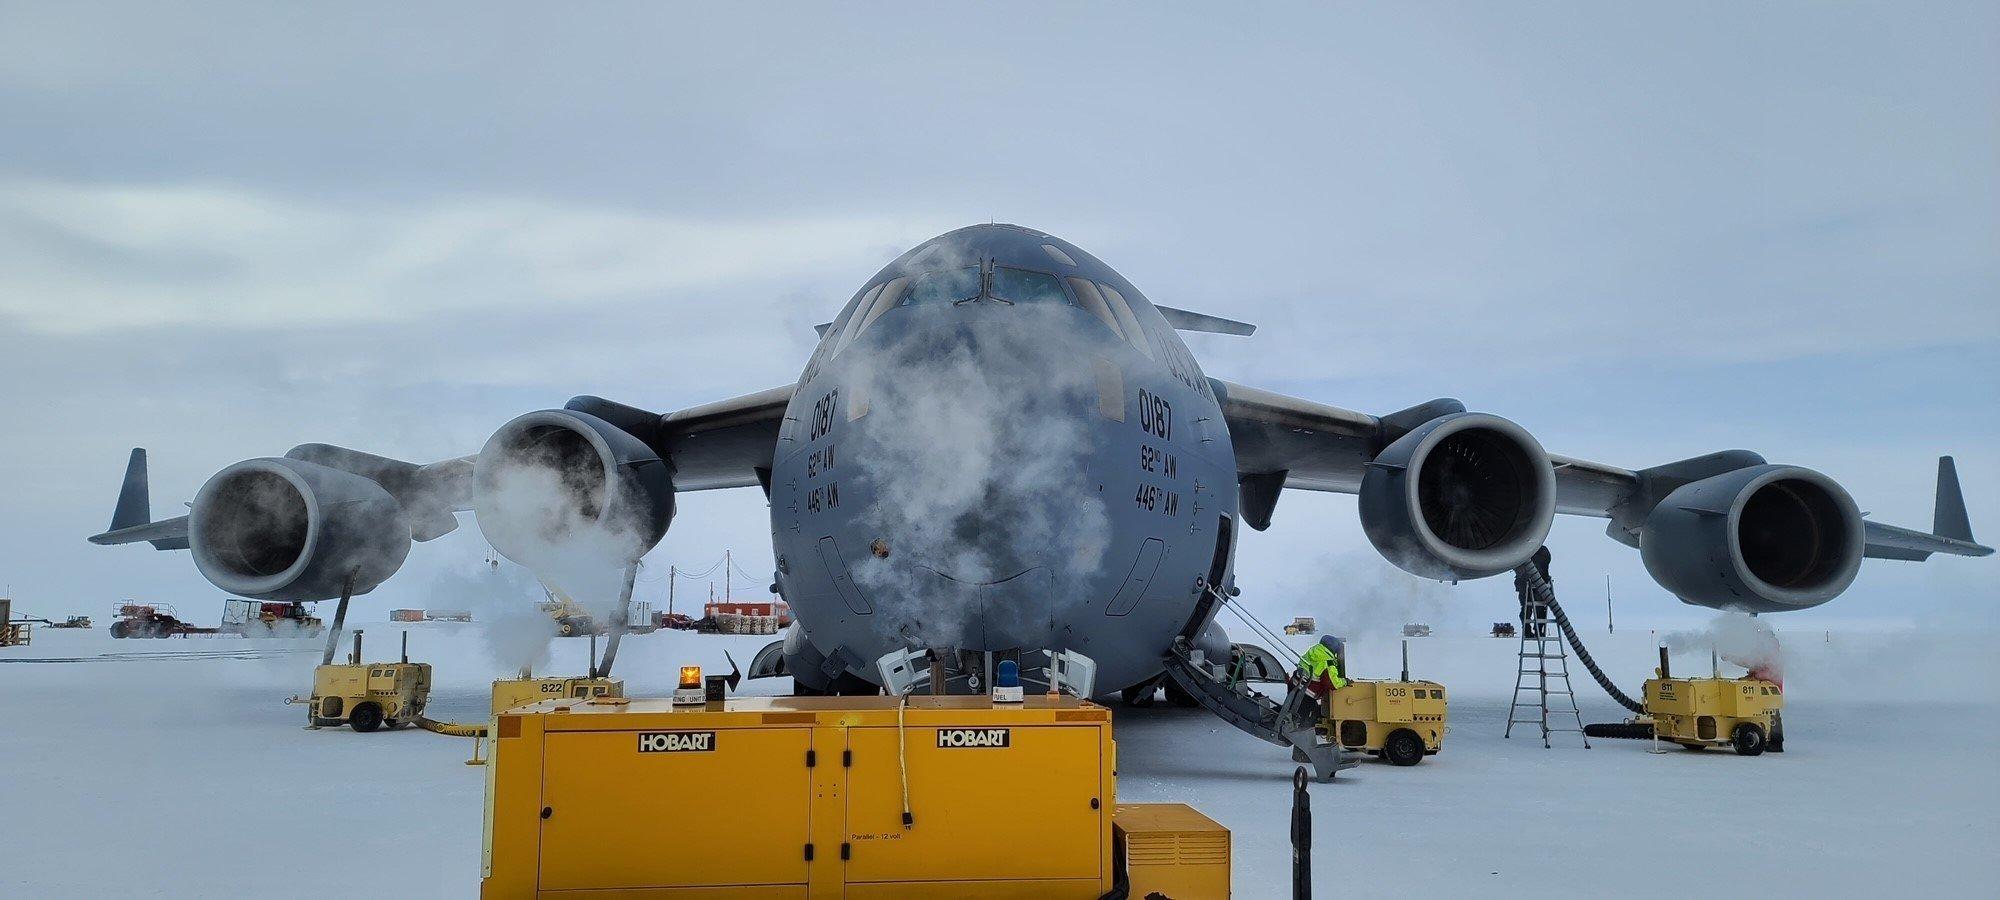 USAF C-17A McMurdo Station Antarctica [USAF/Maj Tyler Boyd]